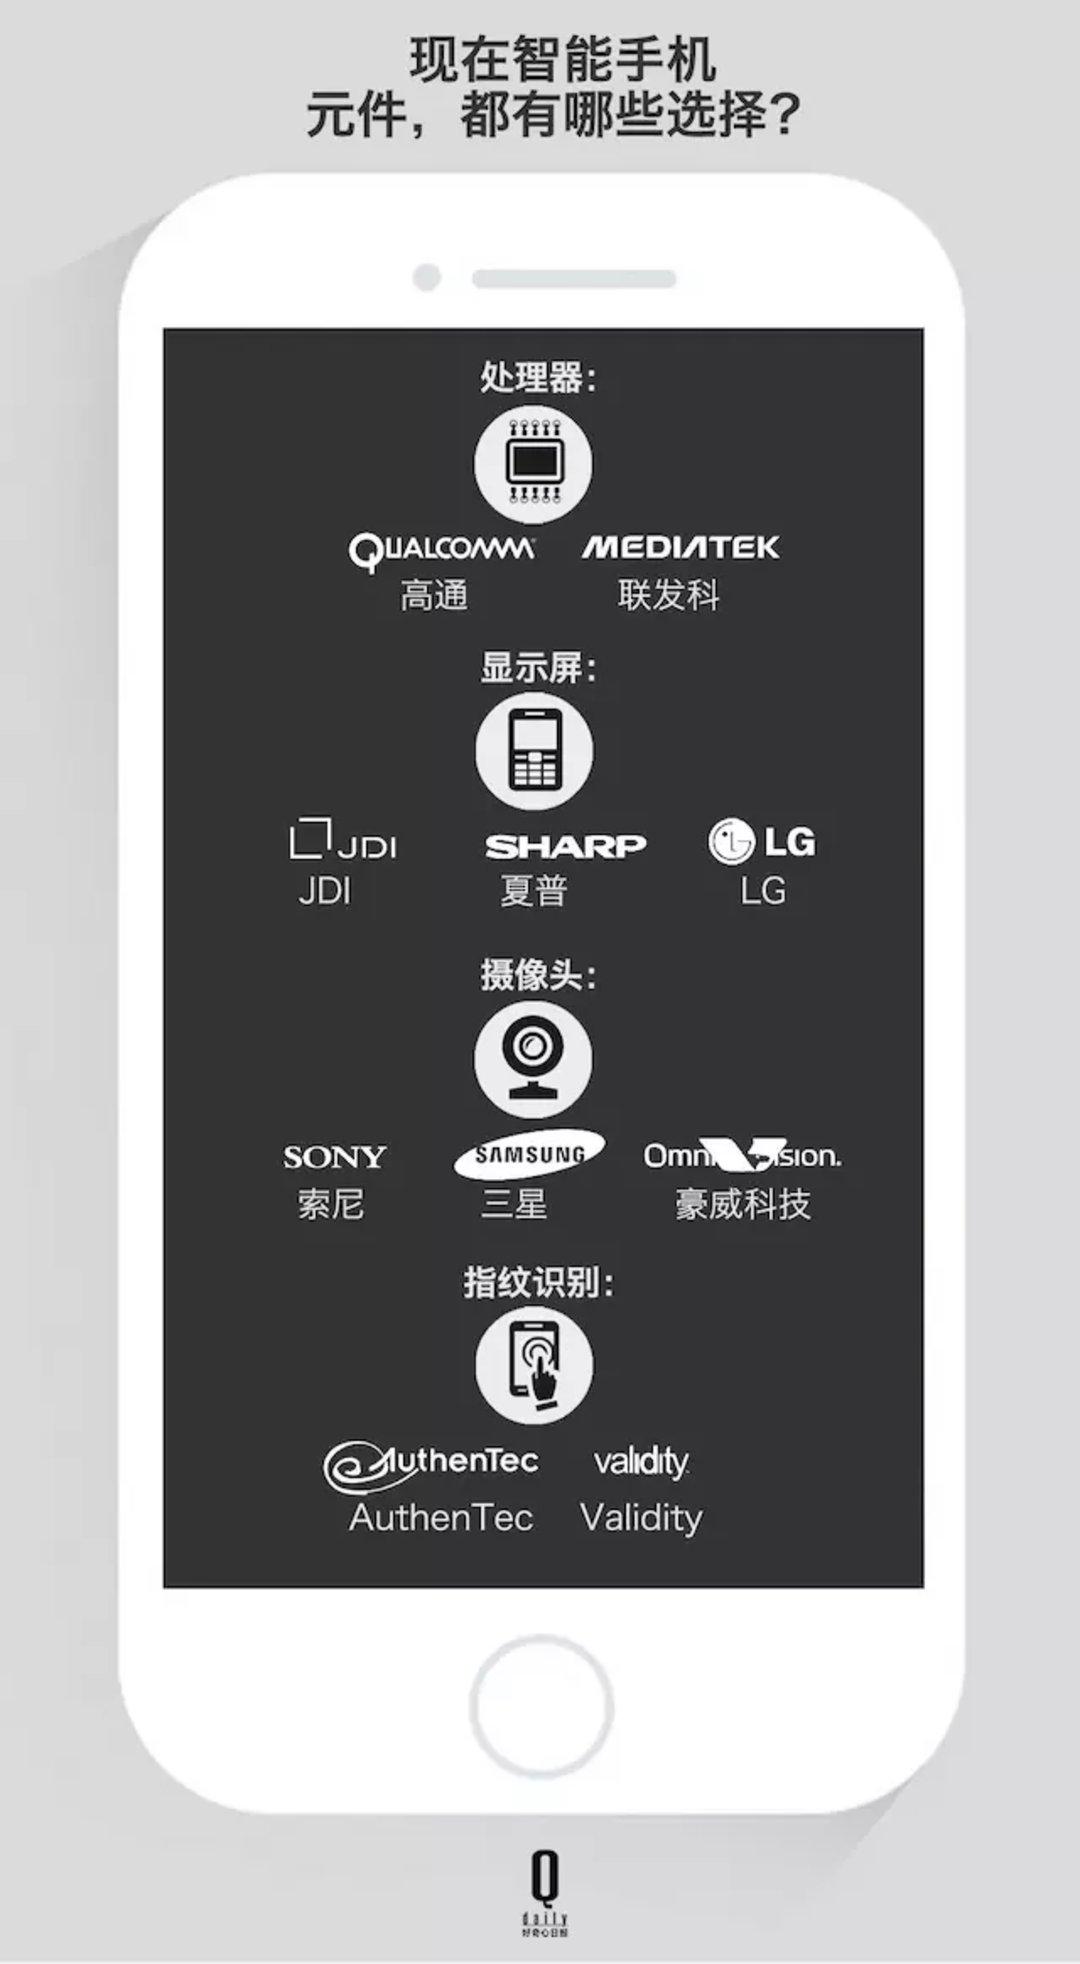 锤子手机做到第三代,希望却越来越渺茫,这背后是手机行业发生的 11 个变化_智能_好奇心日报